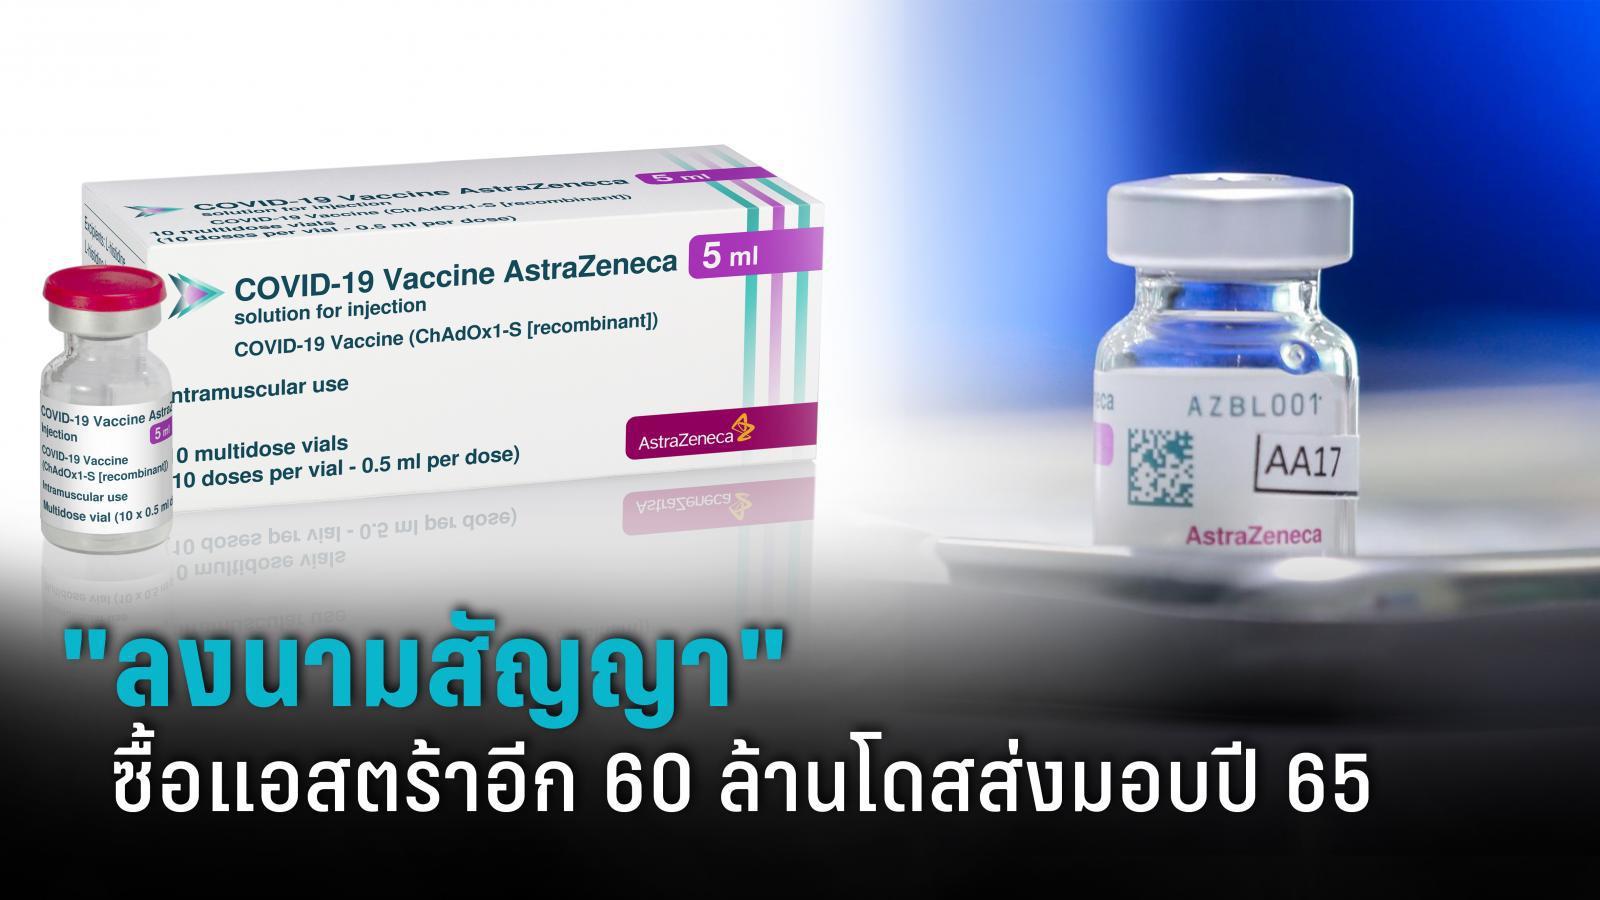 แอสตร้าฯ ลงนามสัญญาไทยซื้อวัคซีนโควิด-19 ปี 65 อีก 60 ล้านโดส : PPTVHD36